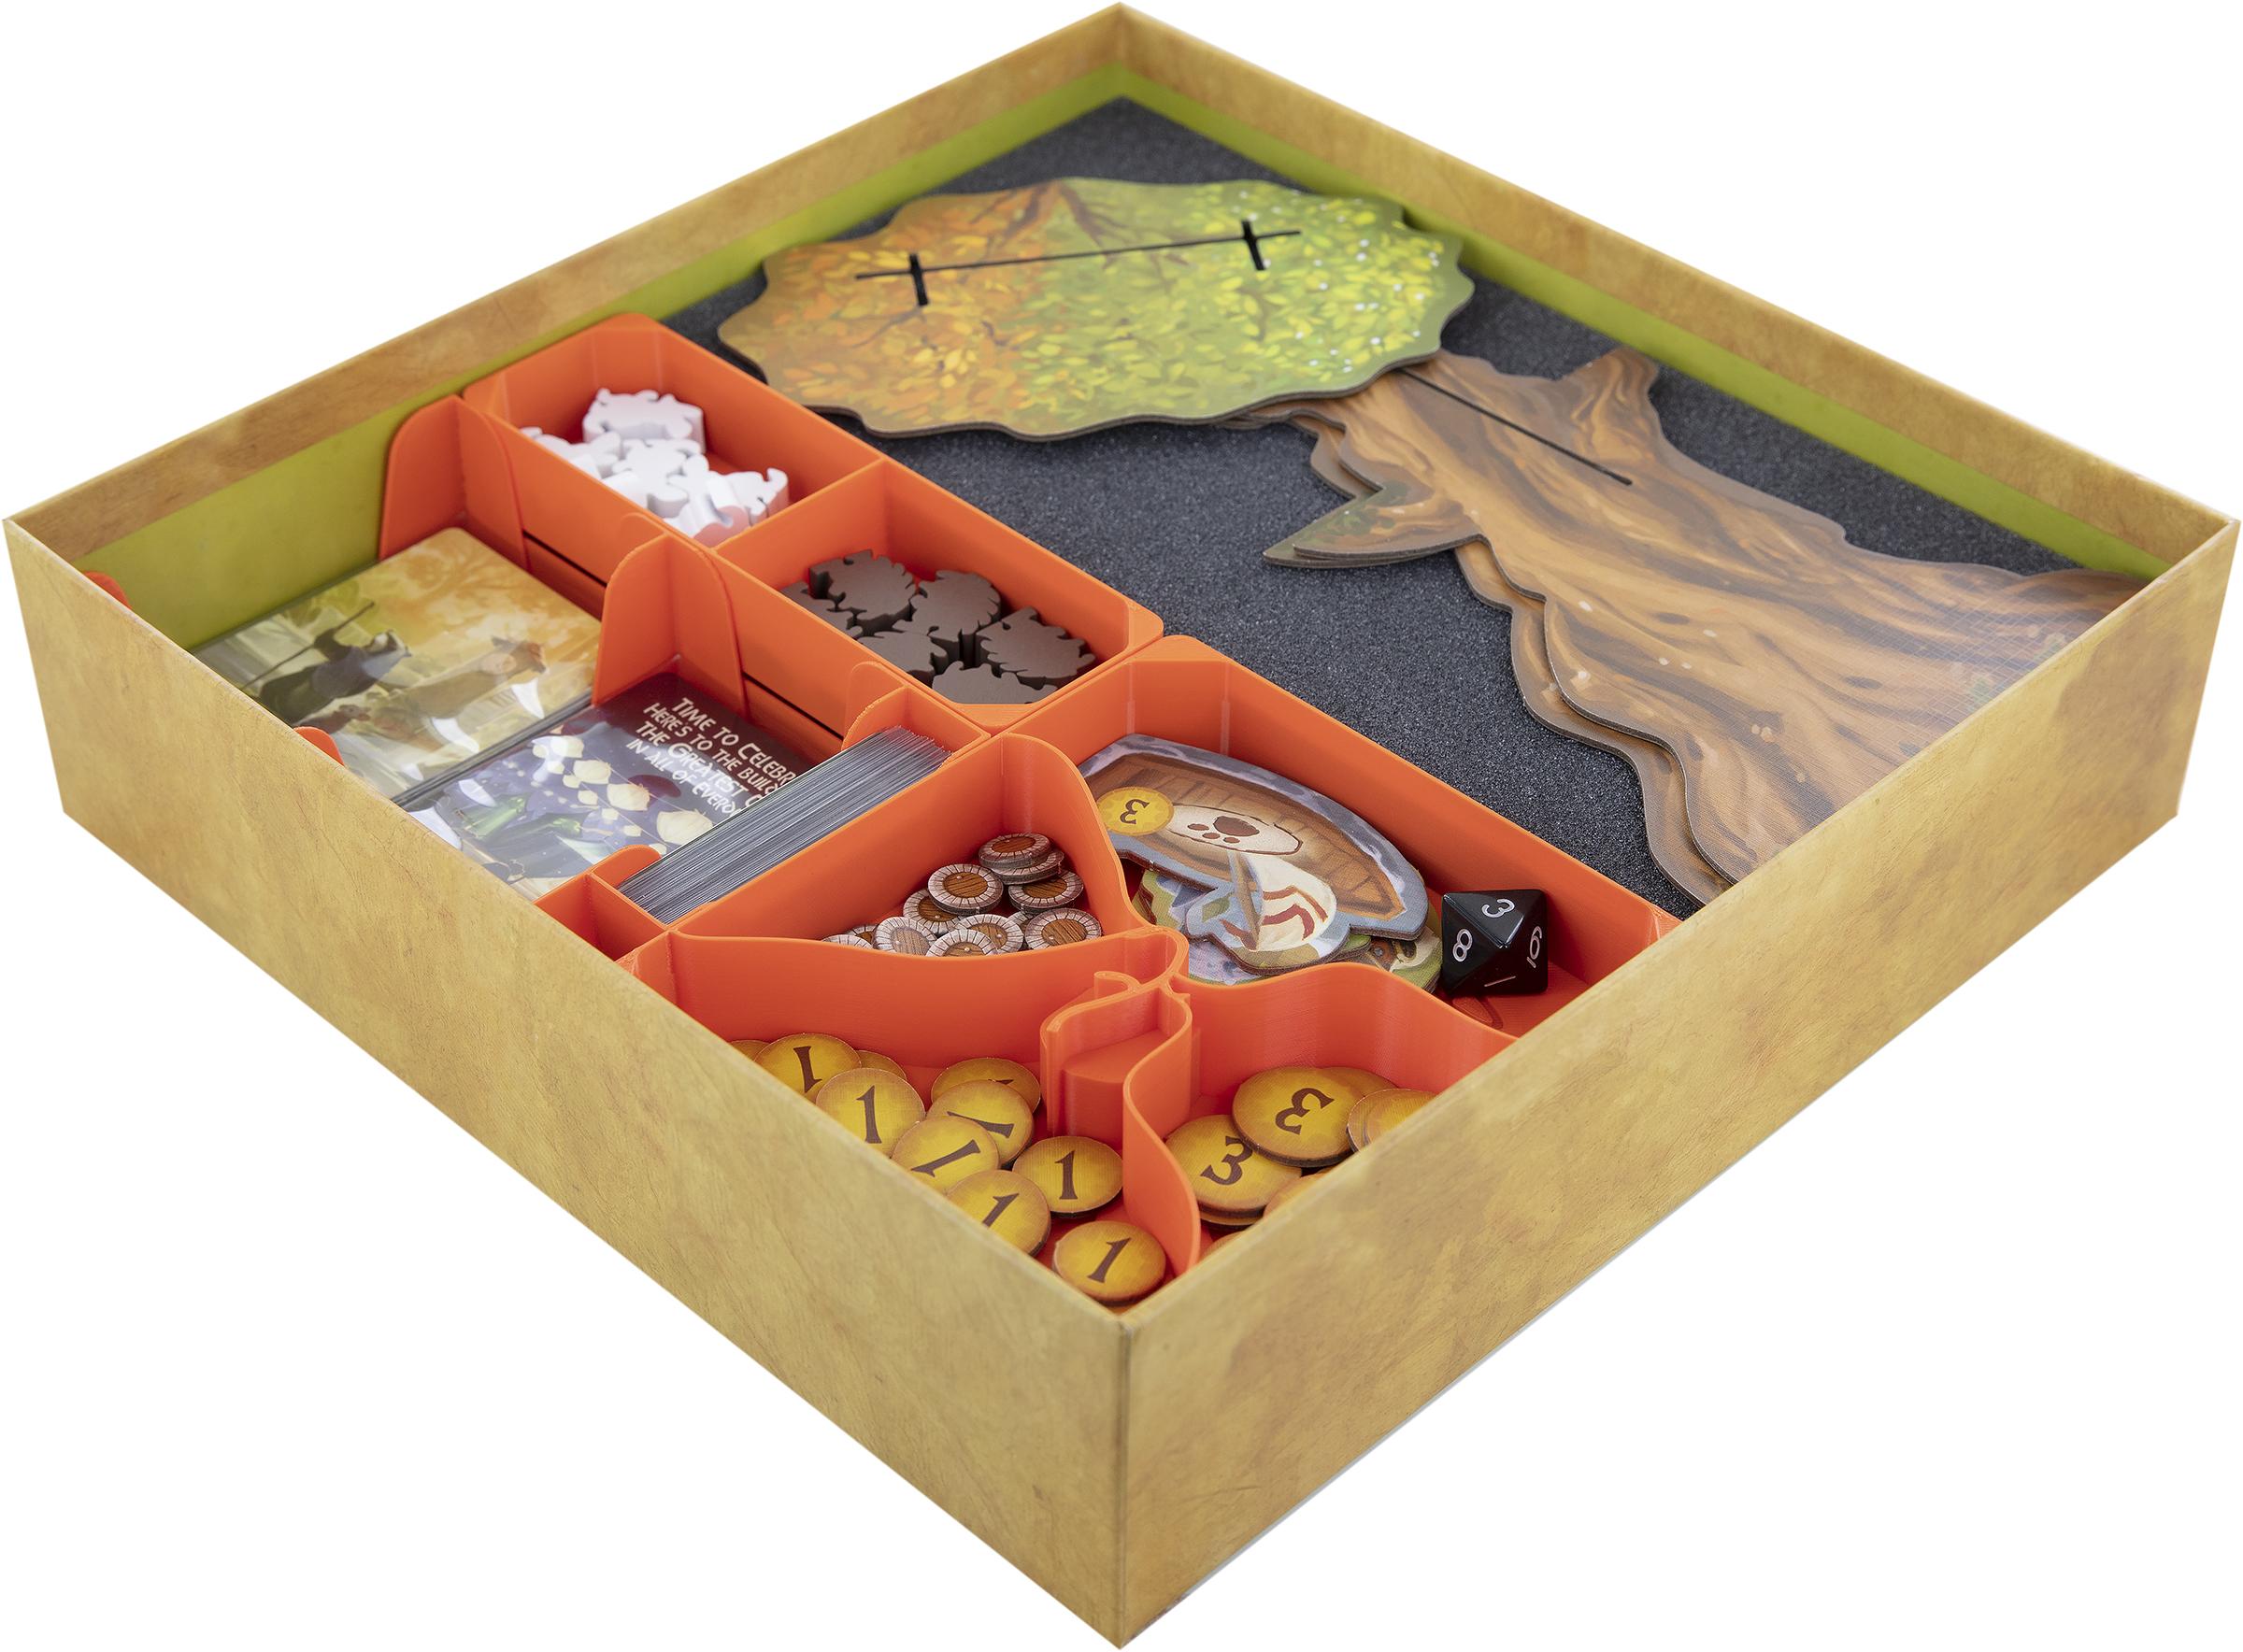 Feldherr Organizer for Everdell - core game box